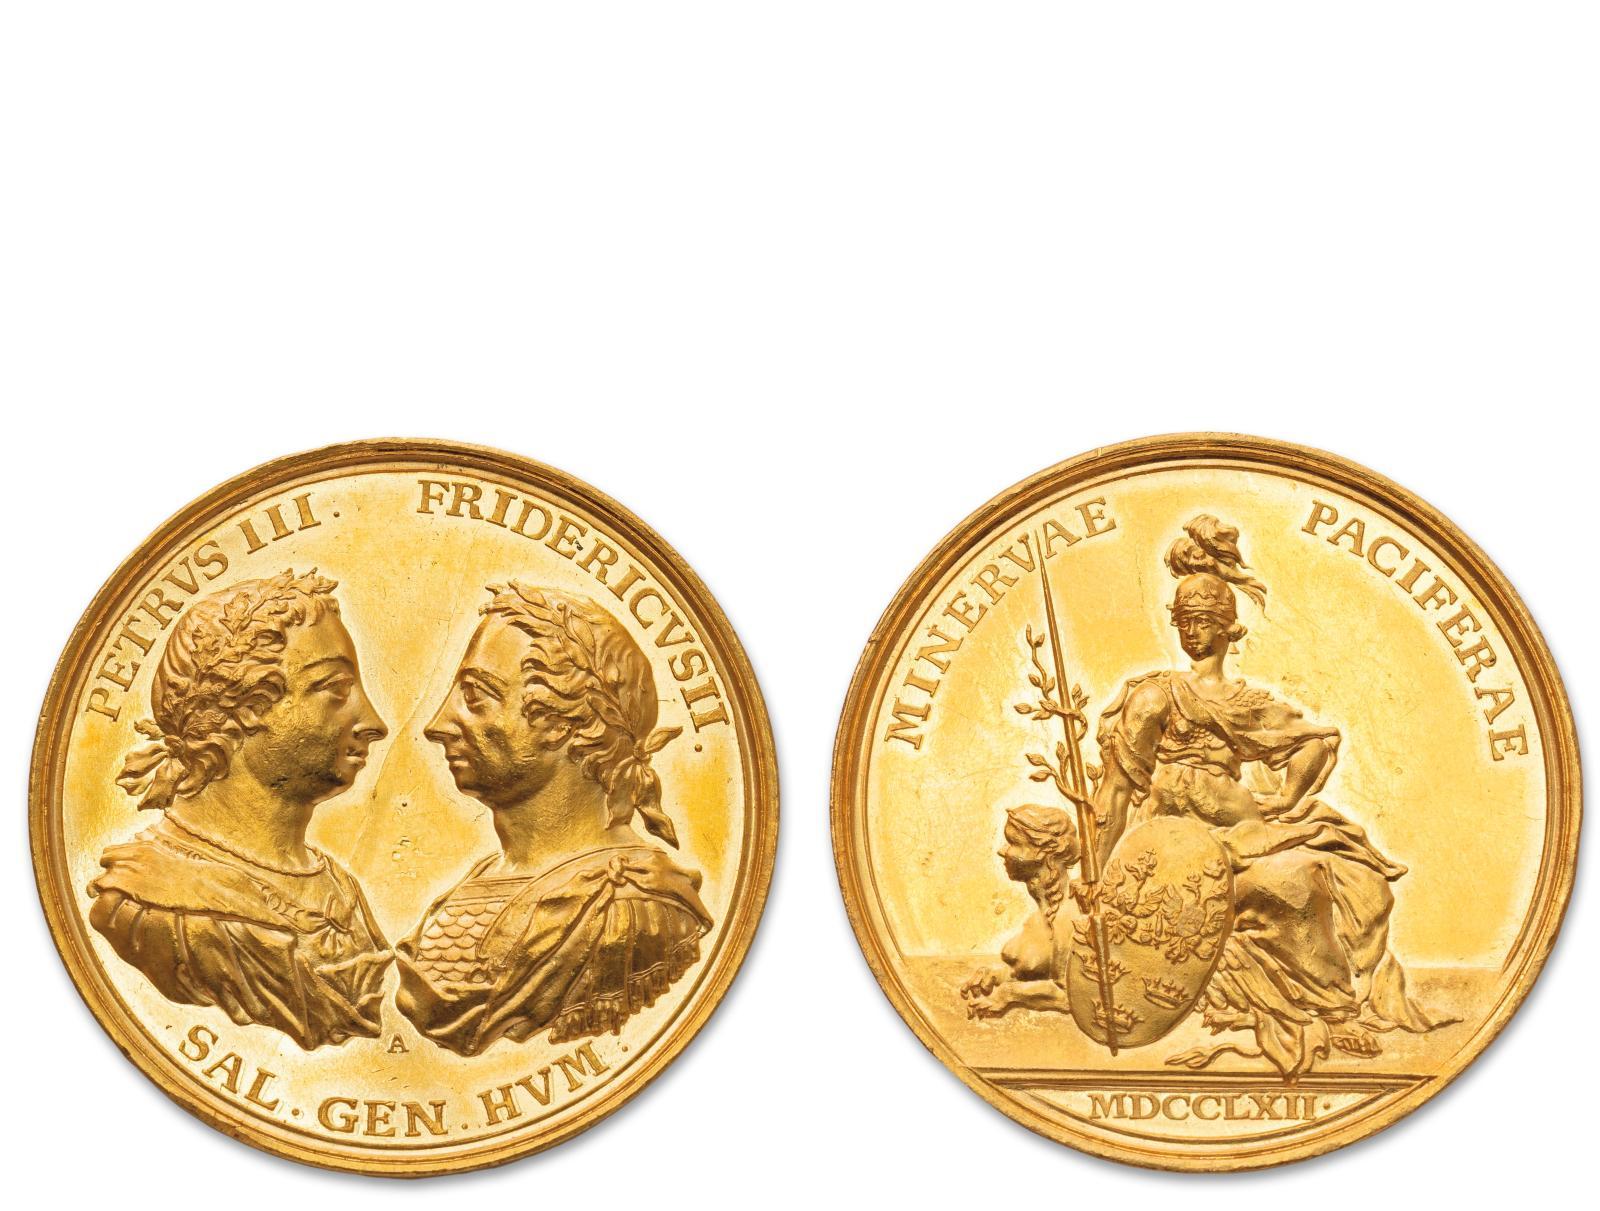 Cette médaille en or (51,21g) célèbre la fin des hostilités entre la Russie et la Prusse. Le 5 mai 1762, quatre mois après la mort de la